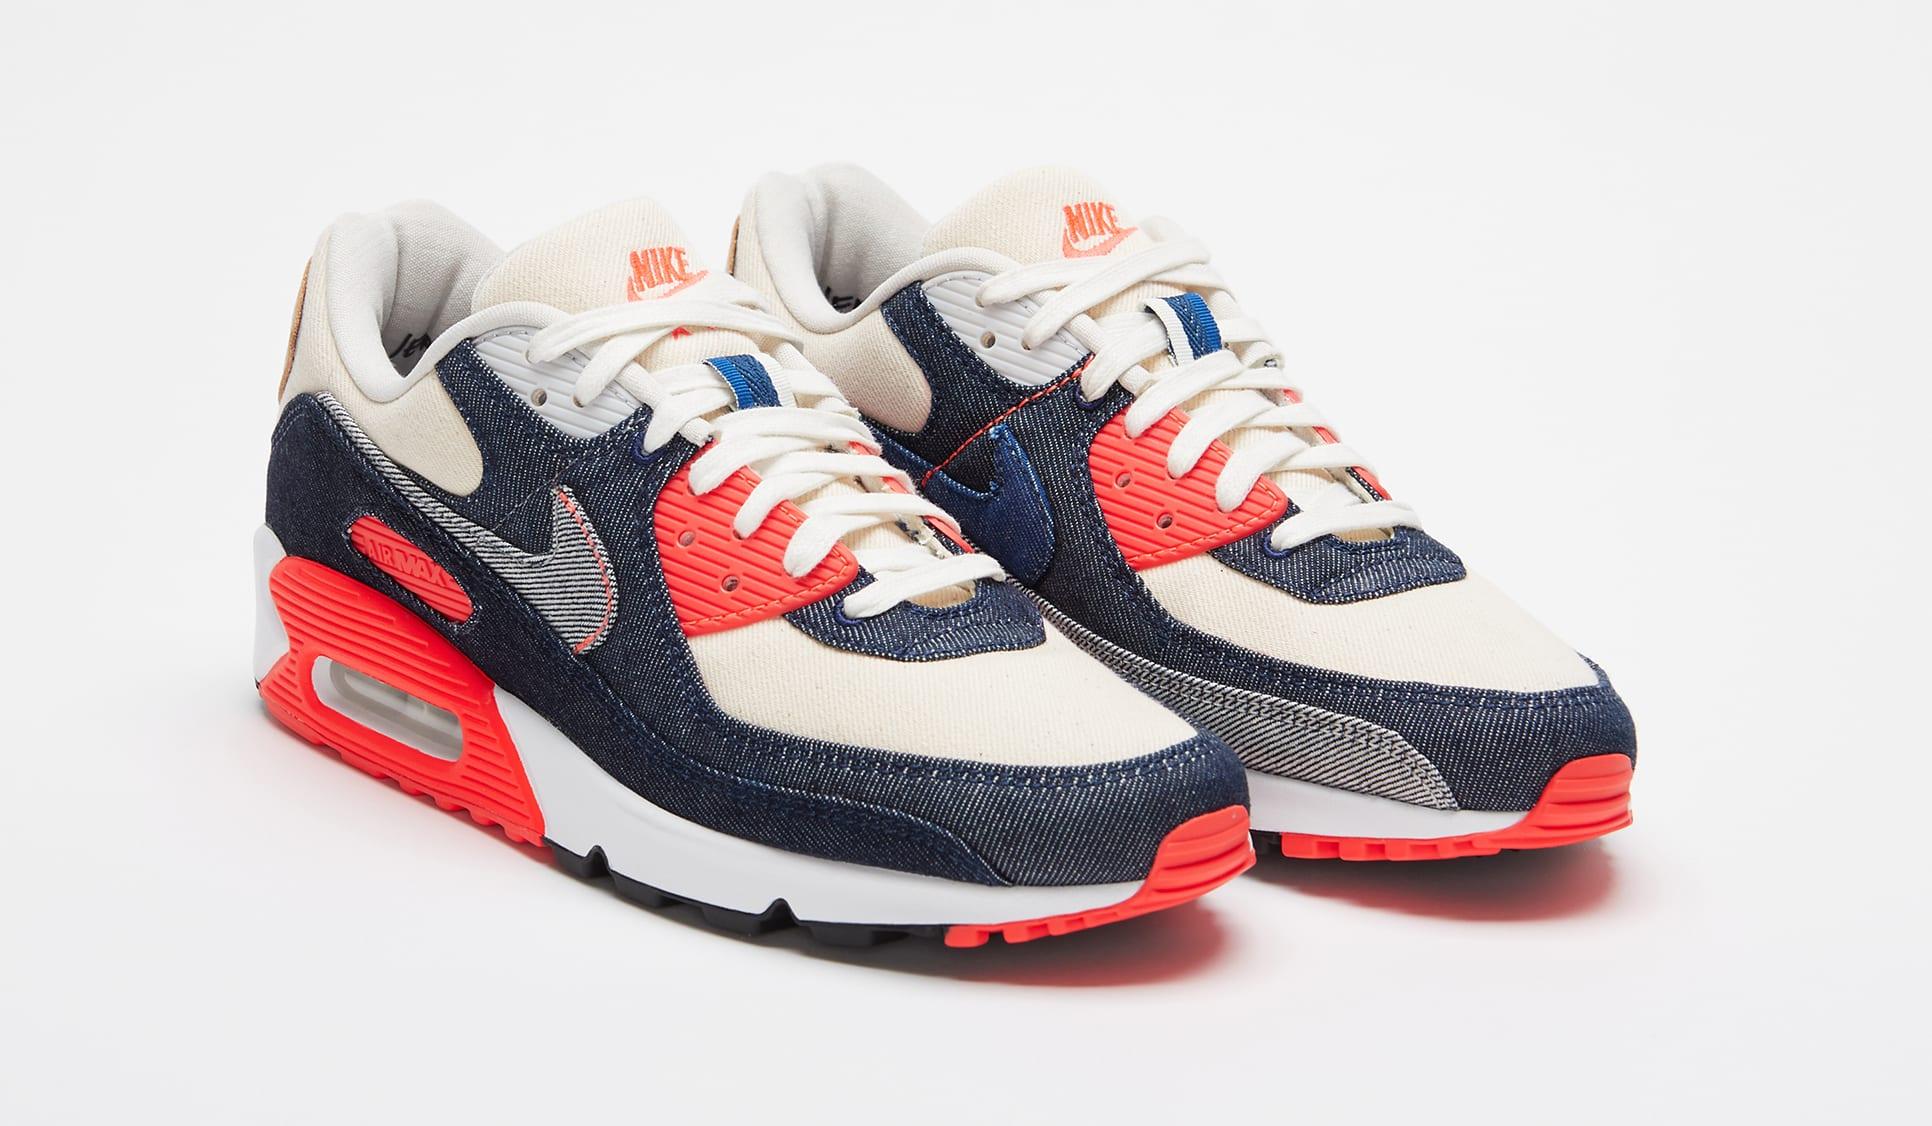 Denham x Nike Air Max 90 Pair